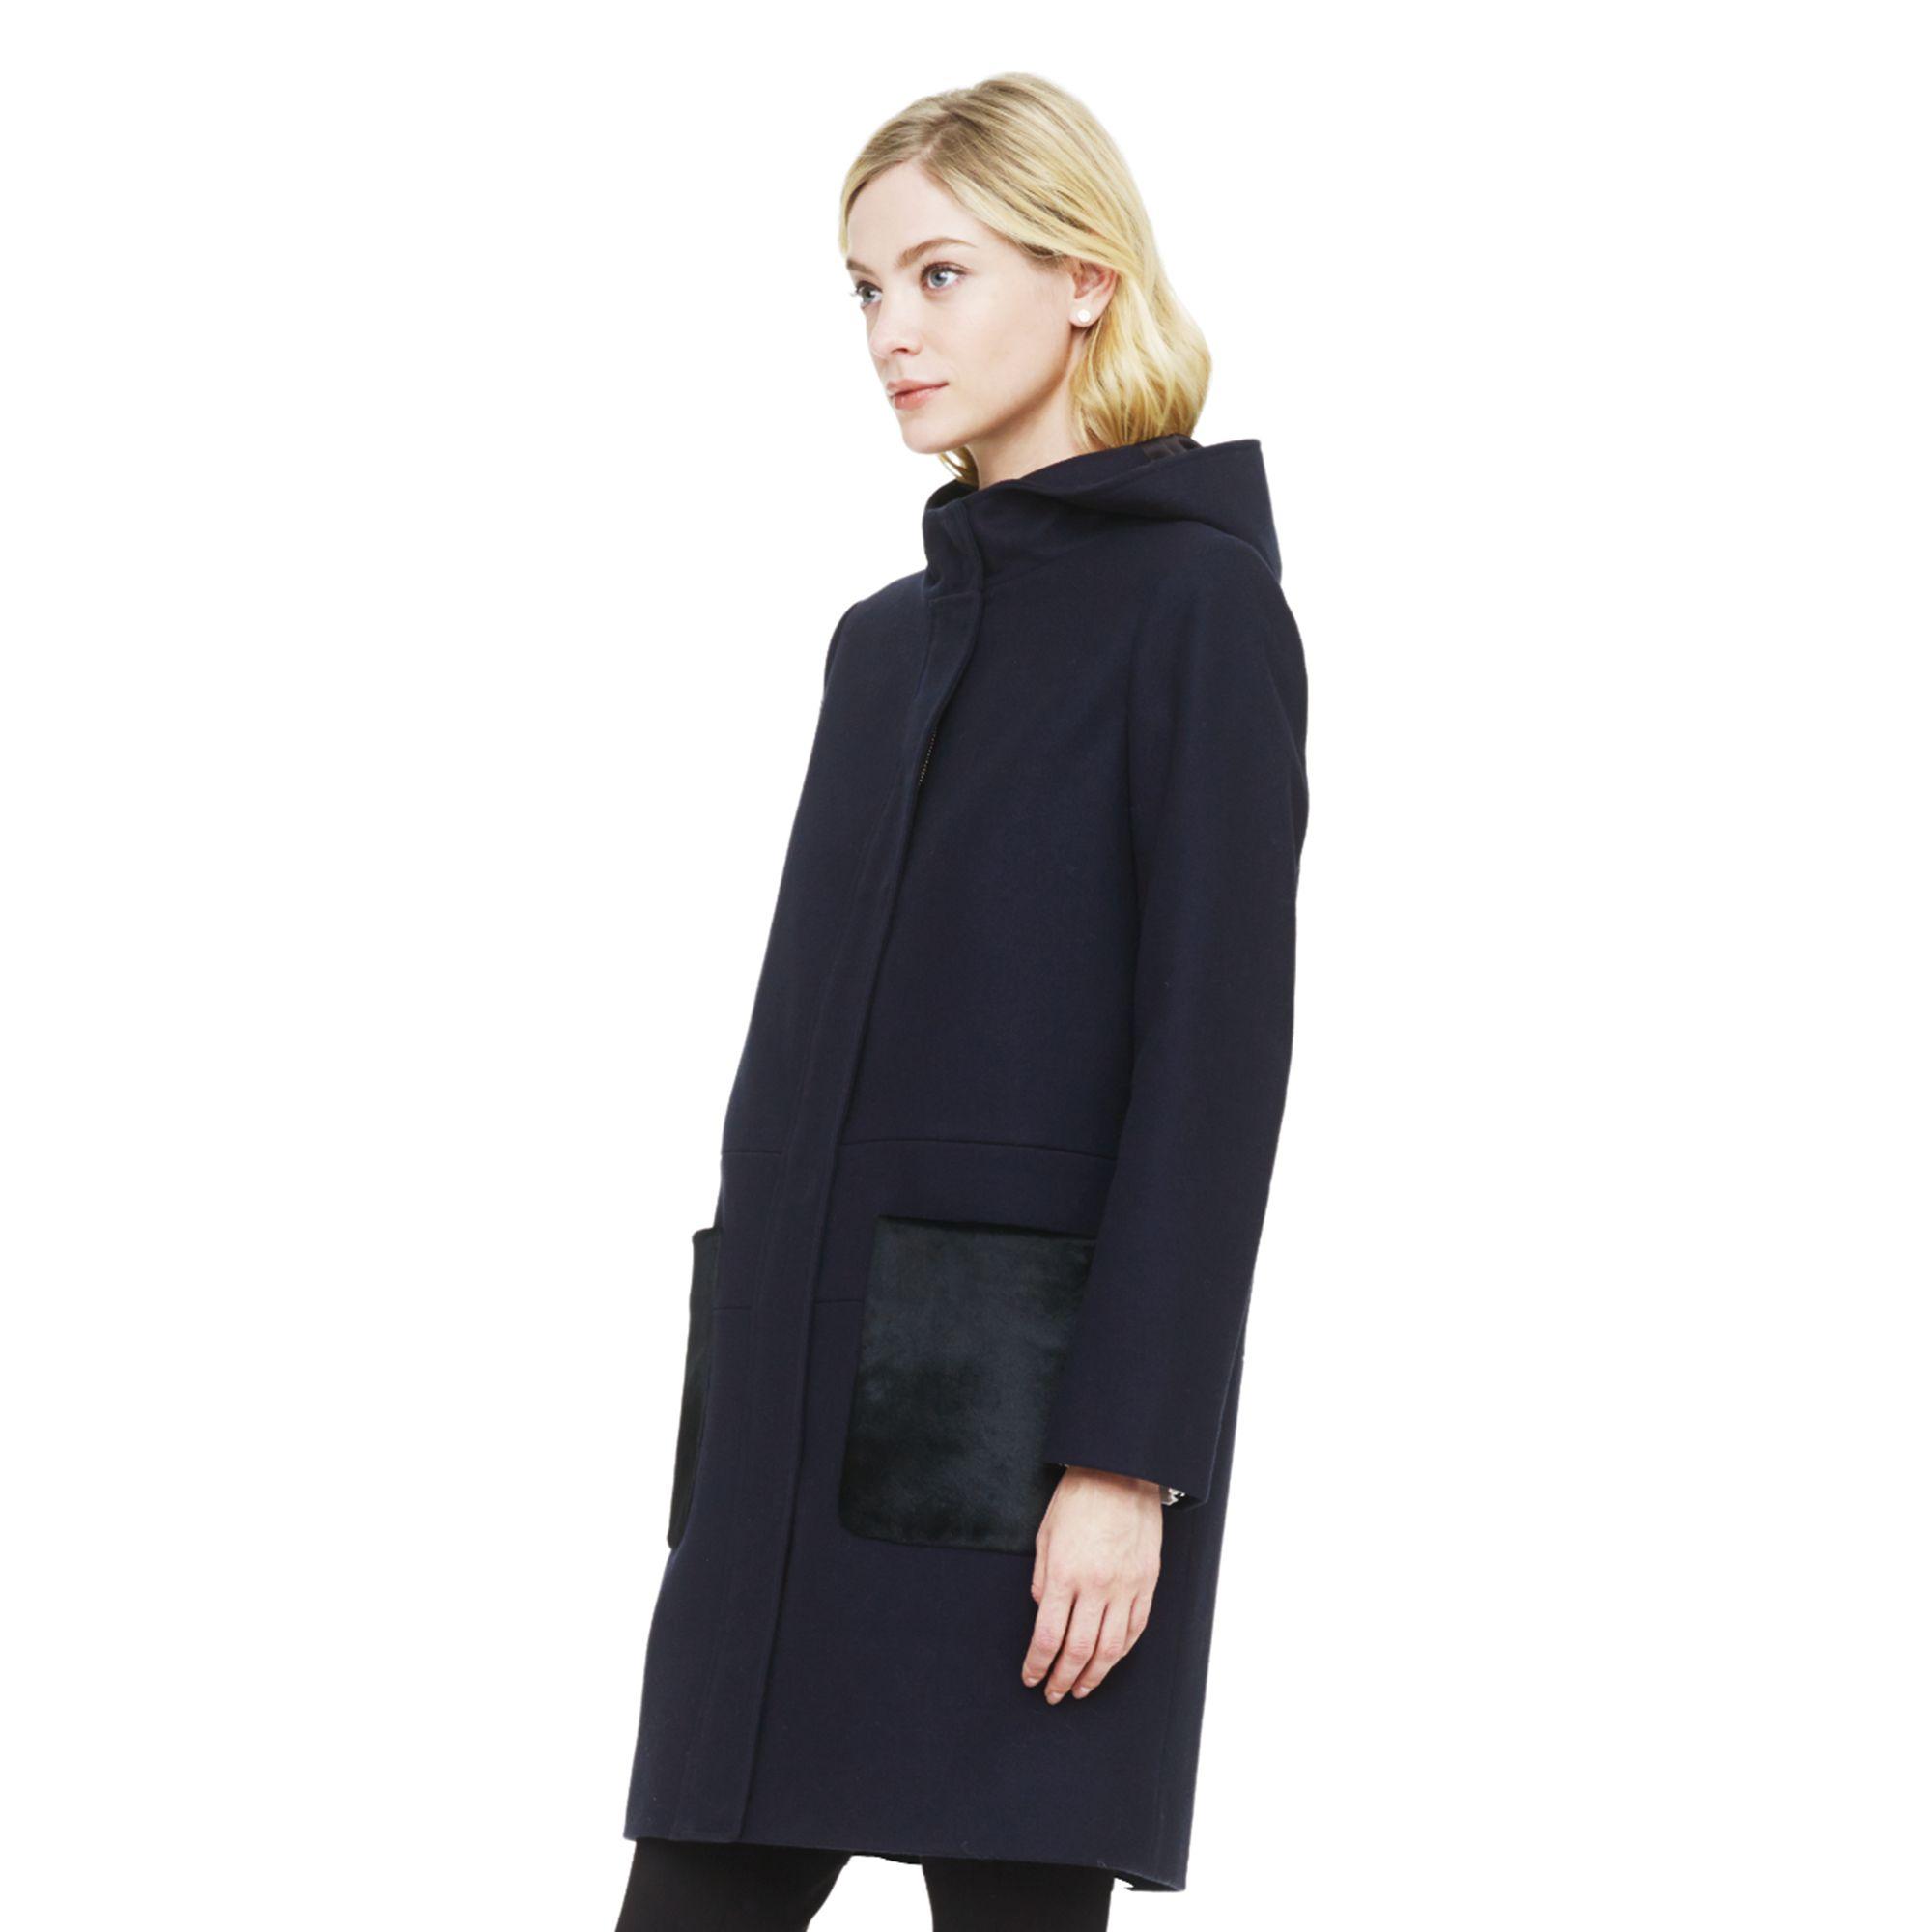 Club monaco Ryan Hooded Wool Coat in Black | Lyst